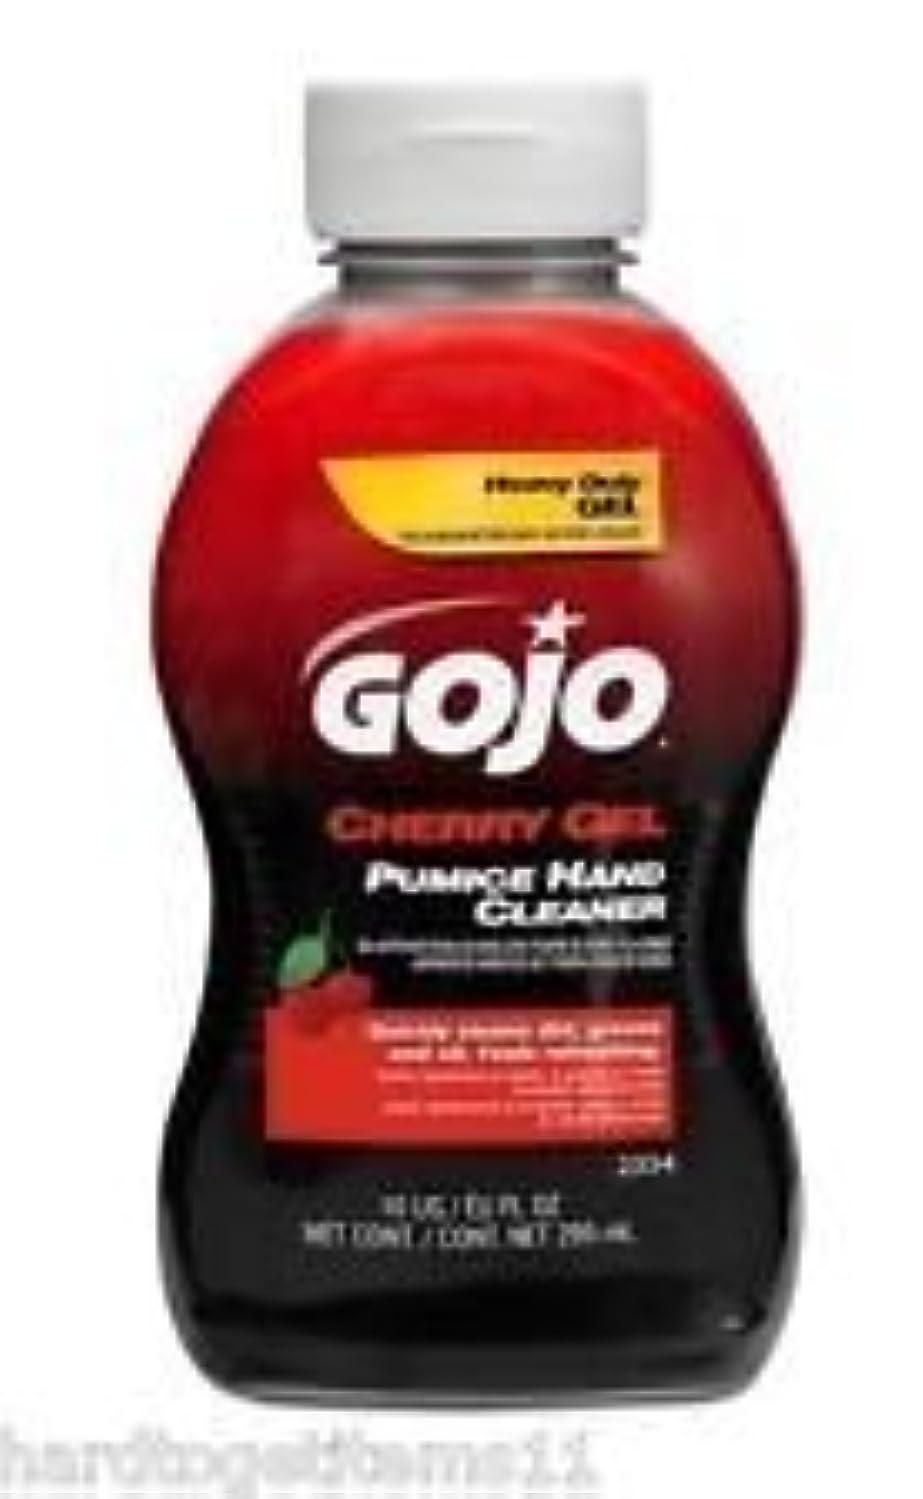 バトル心理的にしてはいけませんGOJO Hand Cleaner Heavy Duty 10オンスボトル